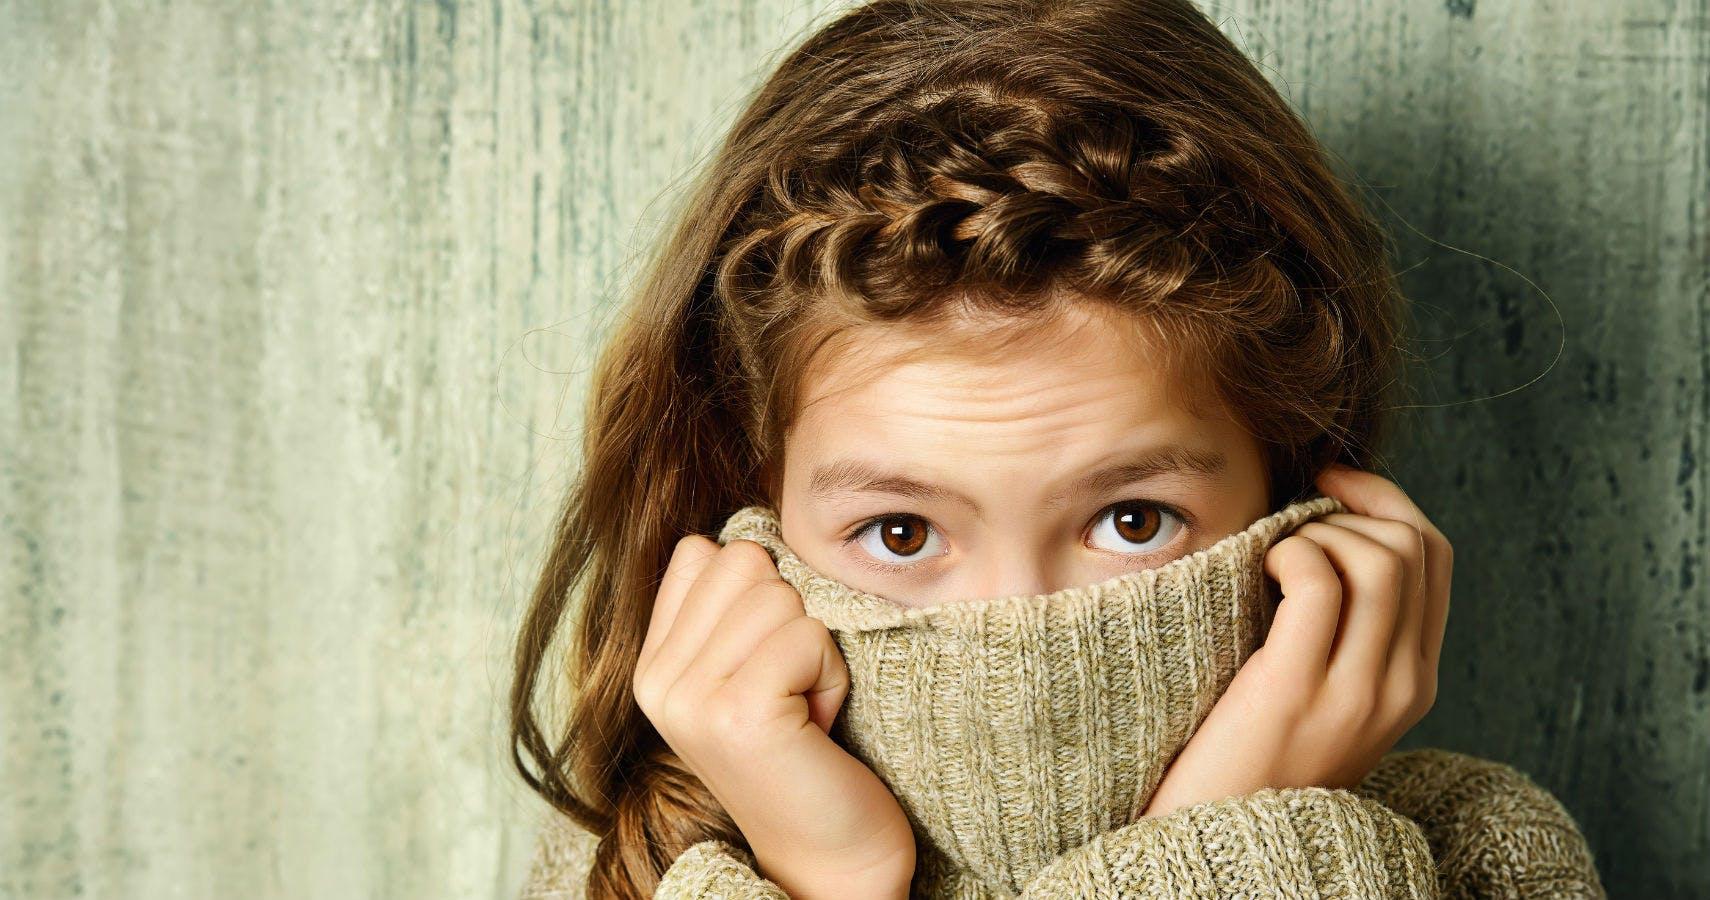 Страх – отрицательное эмоциональное состояние, которое испытывают все люди